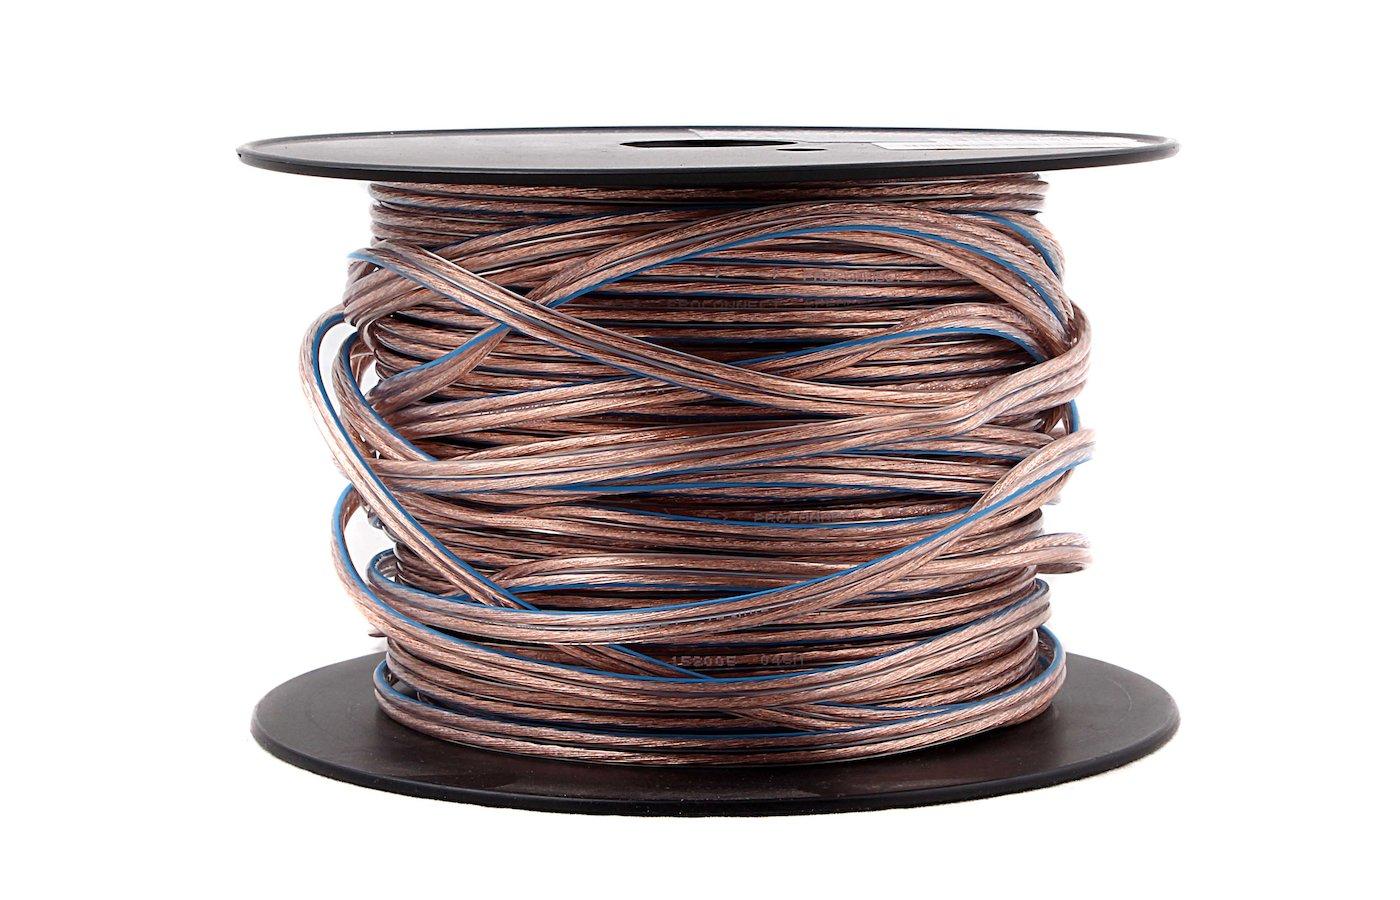 Кабель Proconnect 01-6204-6 (100м.) 2x0.75 мм2 цена за 1 метр